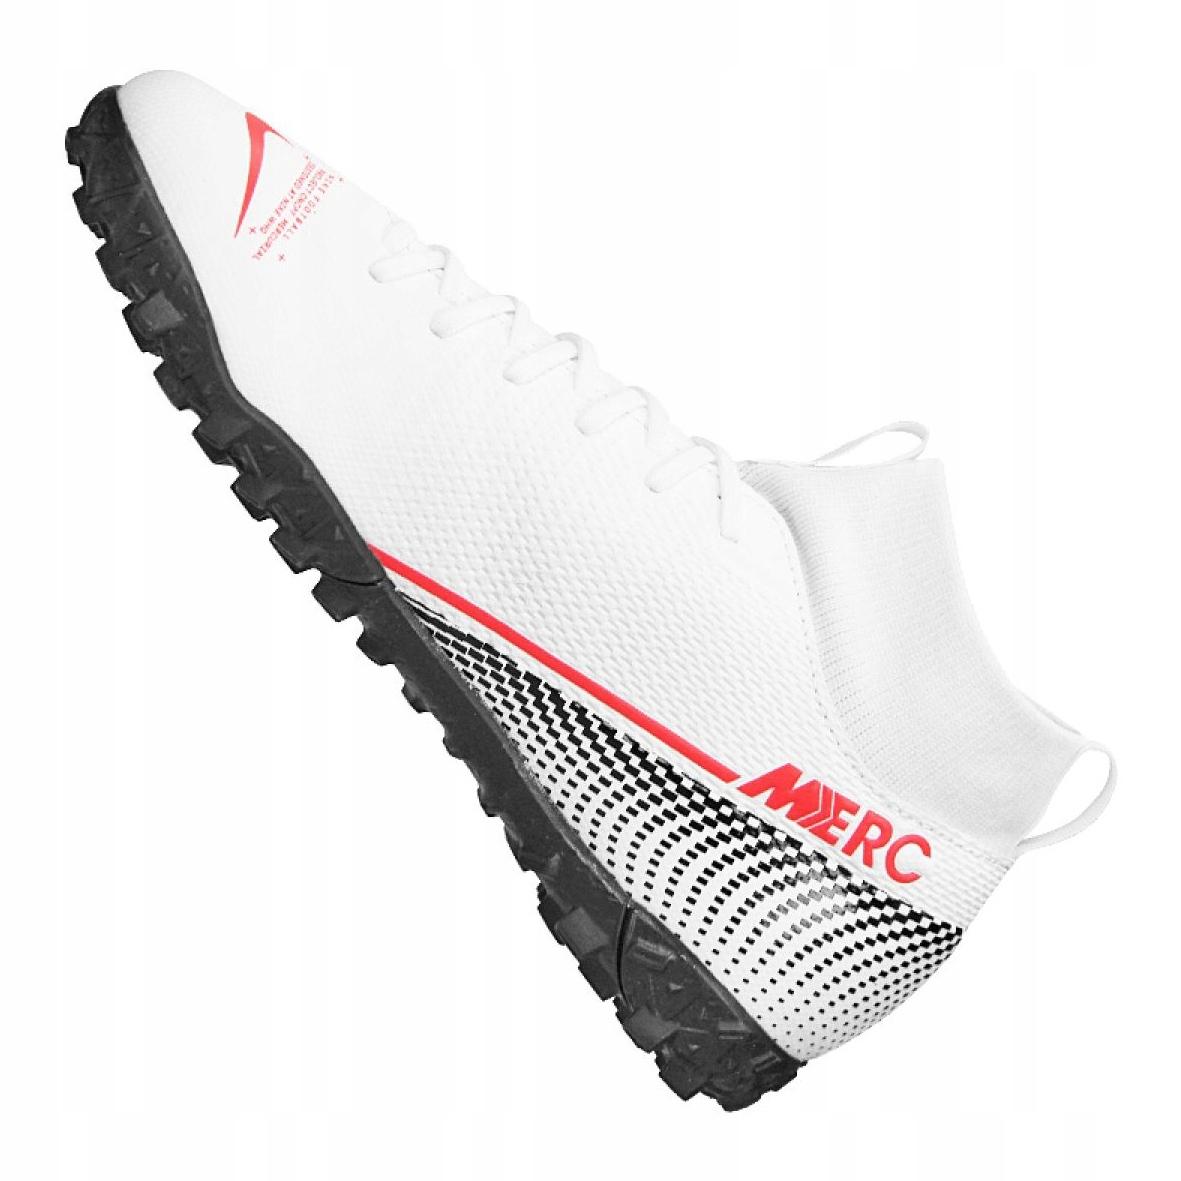 Scarpe-da-calcio-Nike-Superfly-7-Academy-Tf-Jr-AT8143-160-bianco-multicolore miniatura 6